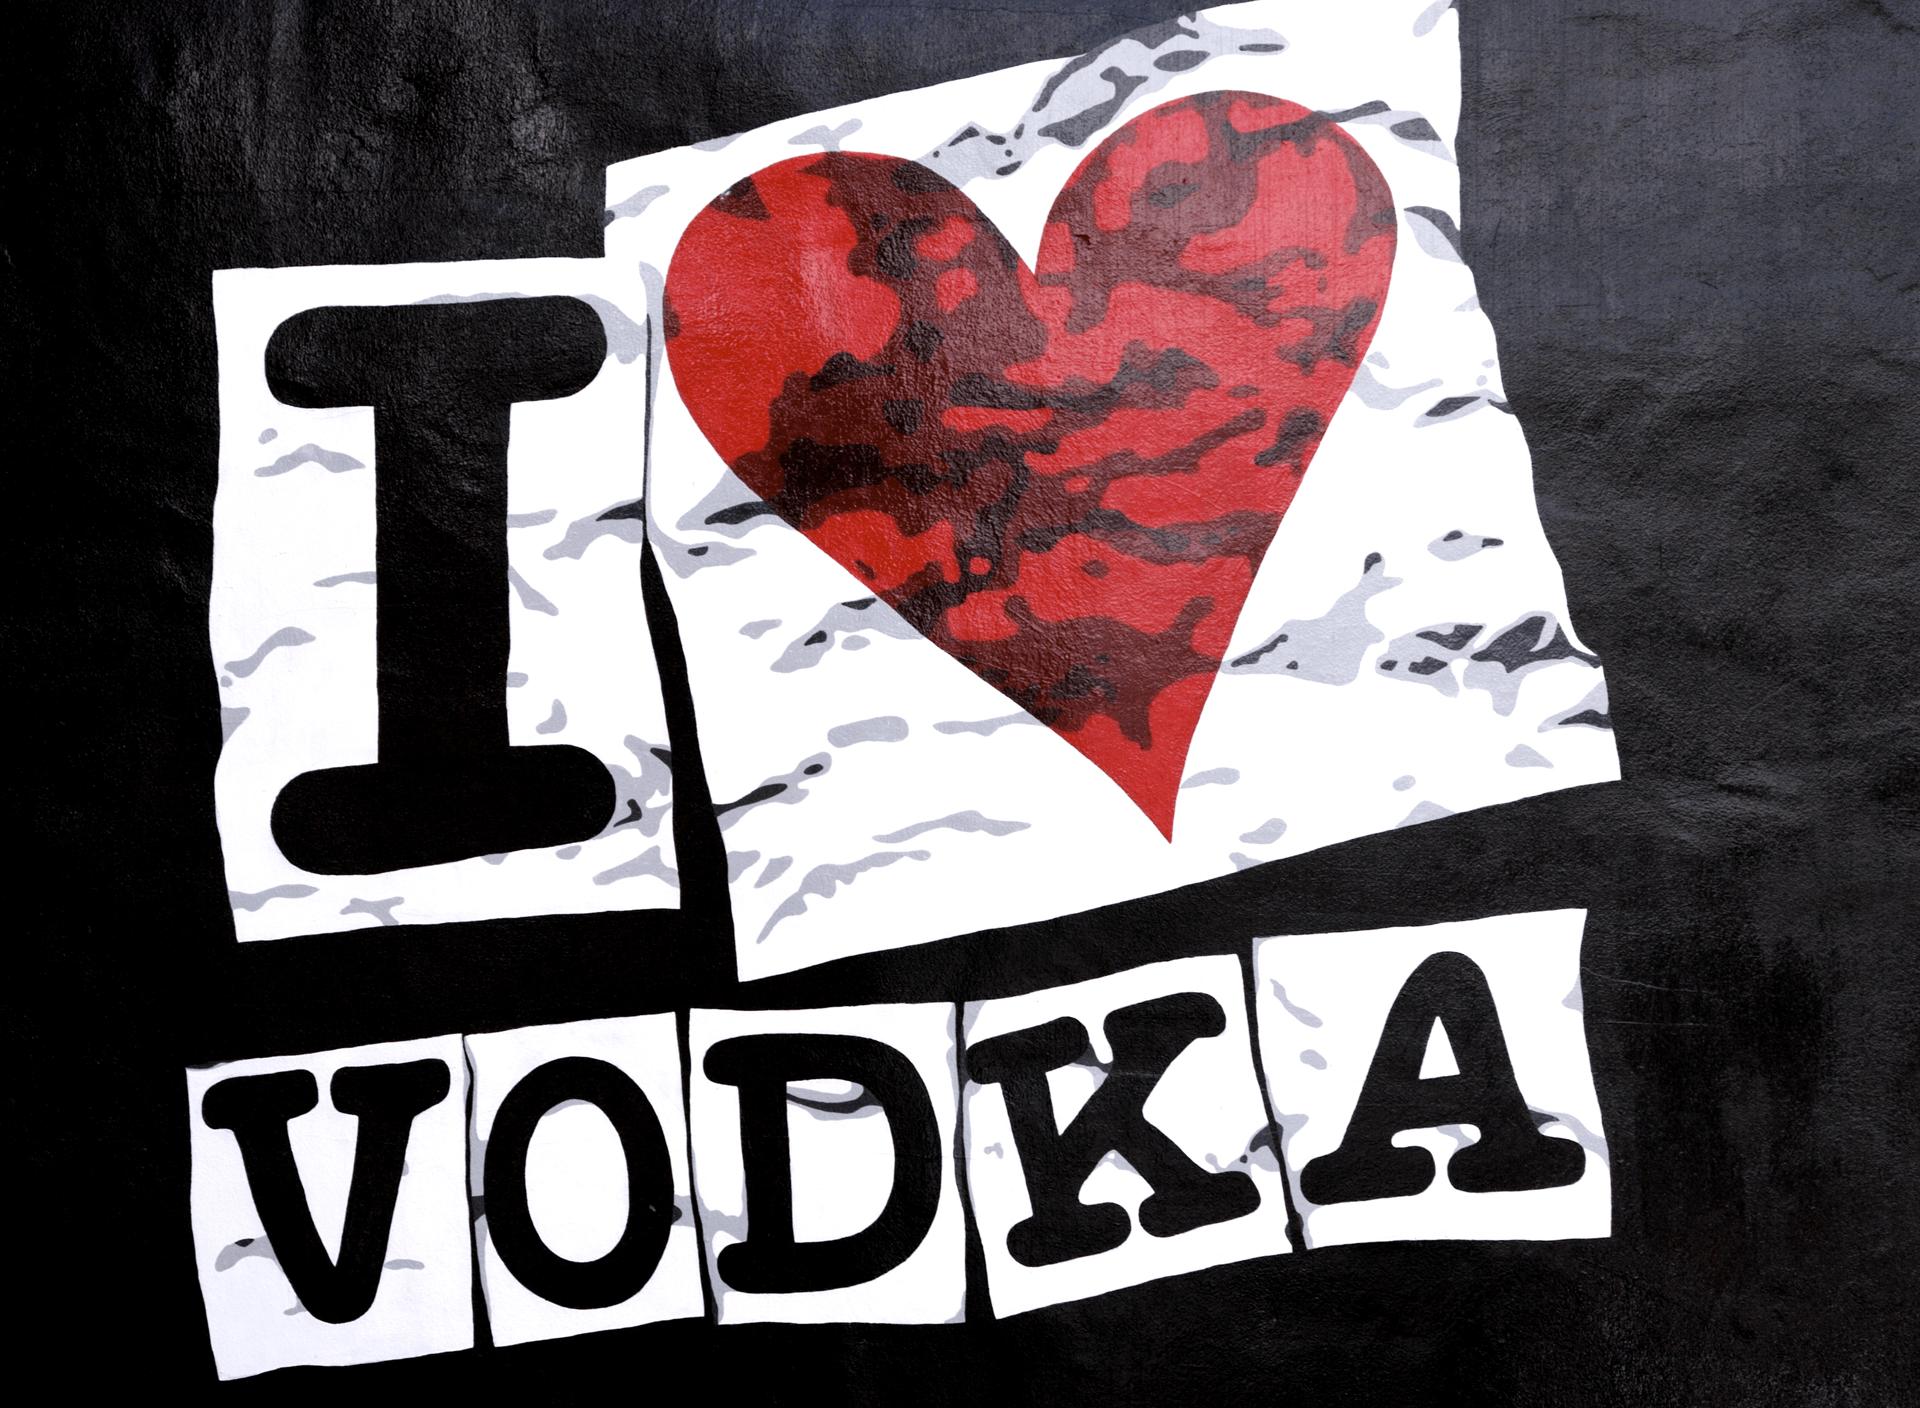 Vodka Wallpapers - Wallpaper cave